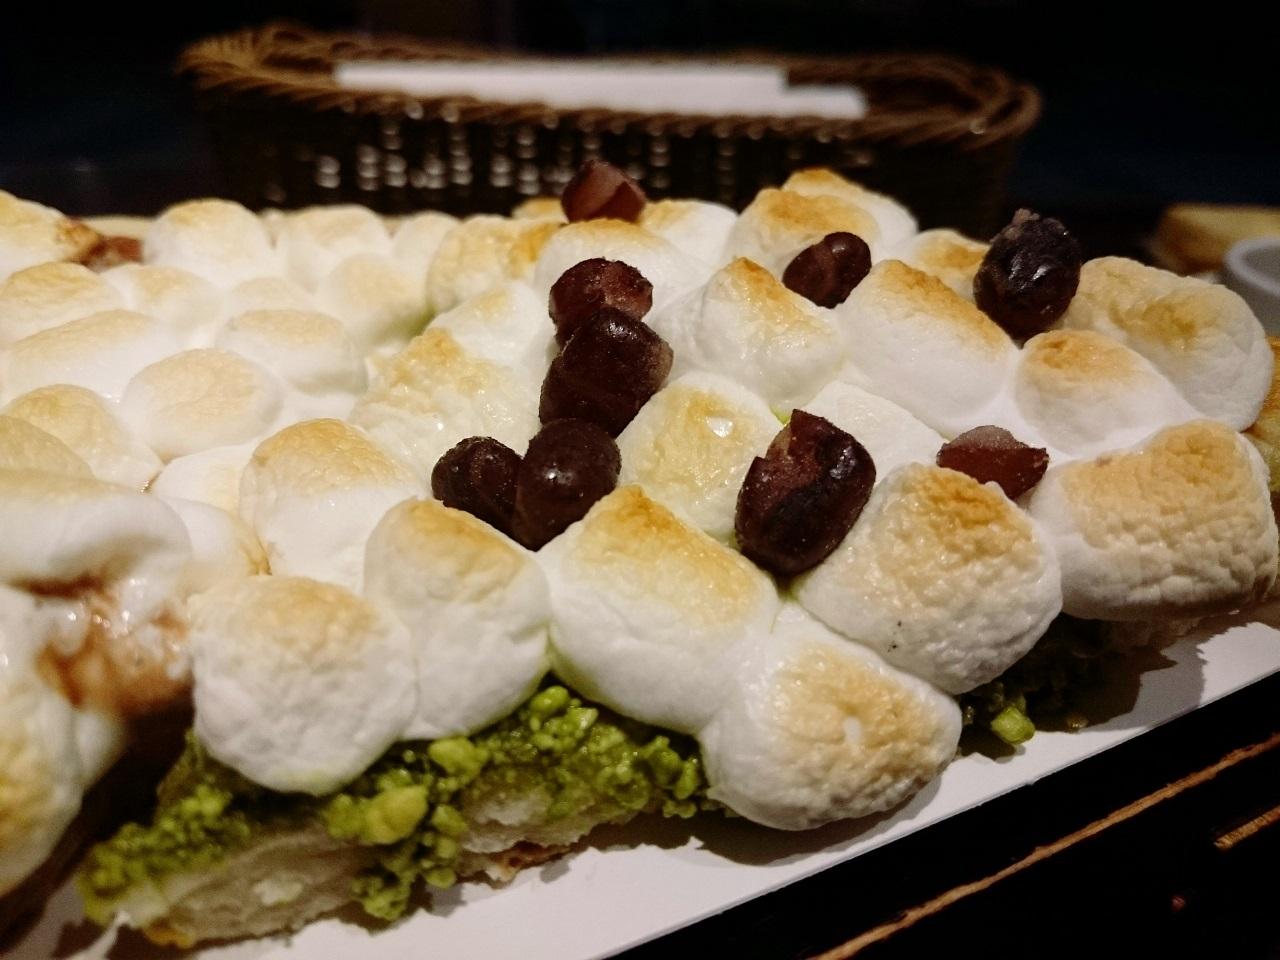 ホワイトチョコレートグリーンティーピザ